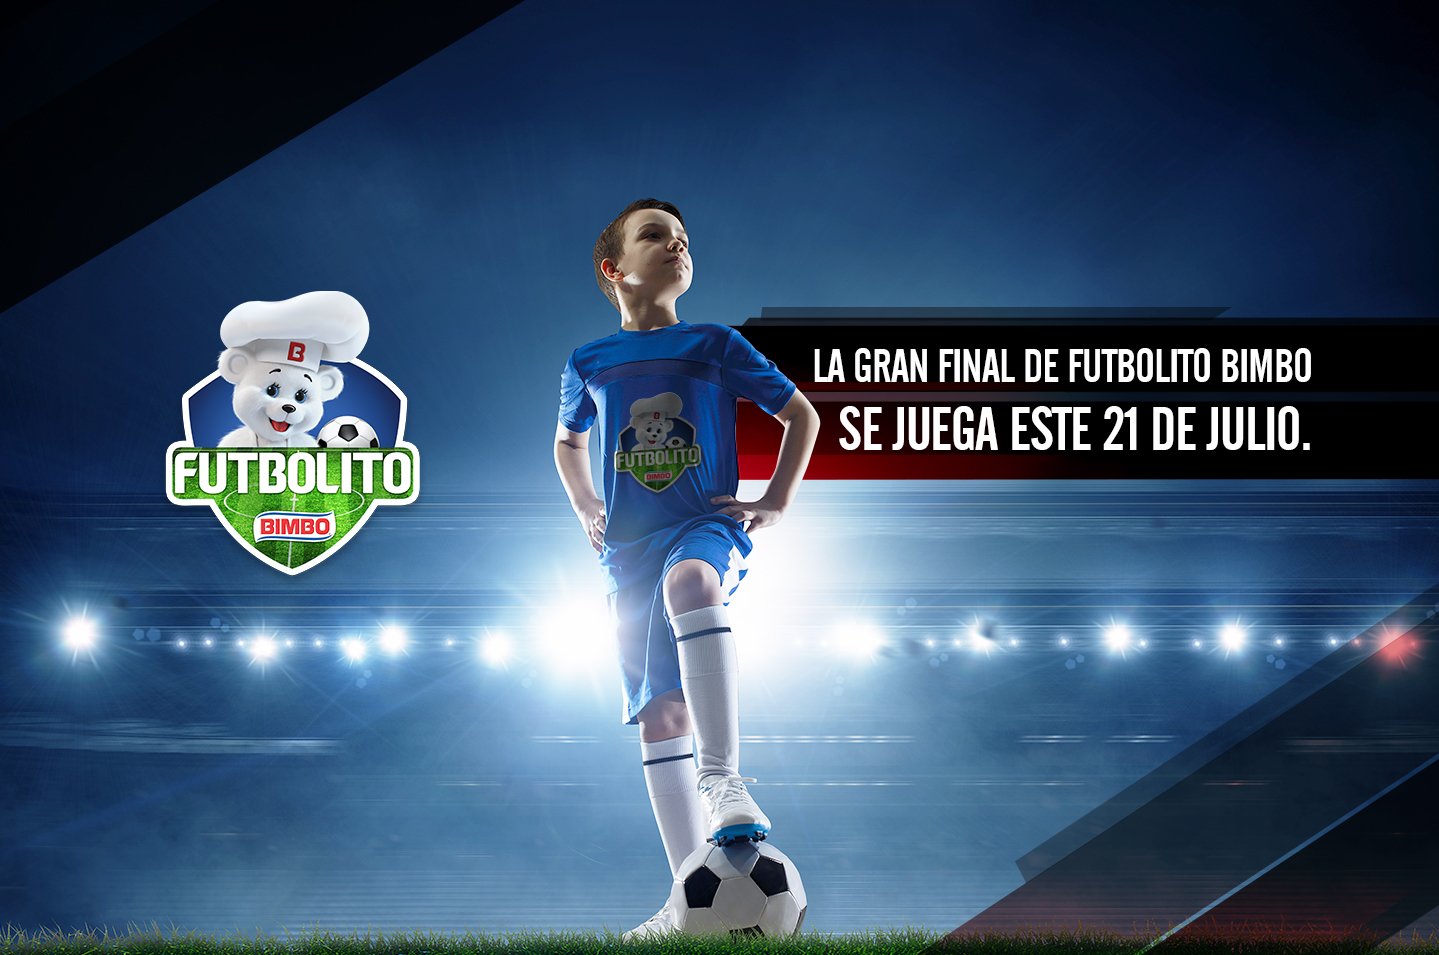 Futbolito Bimbo® 2019. ¡Acompáñanos!